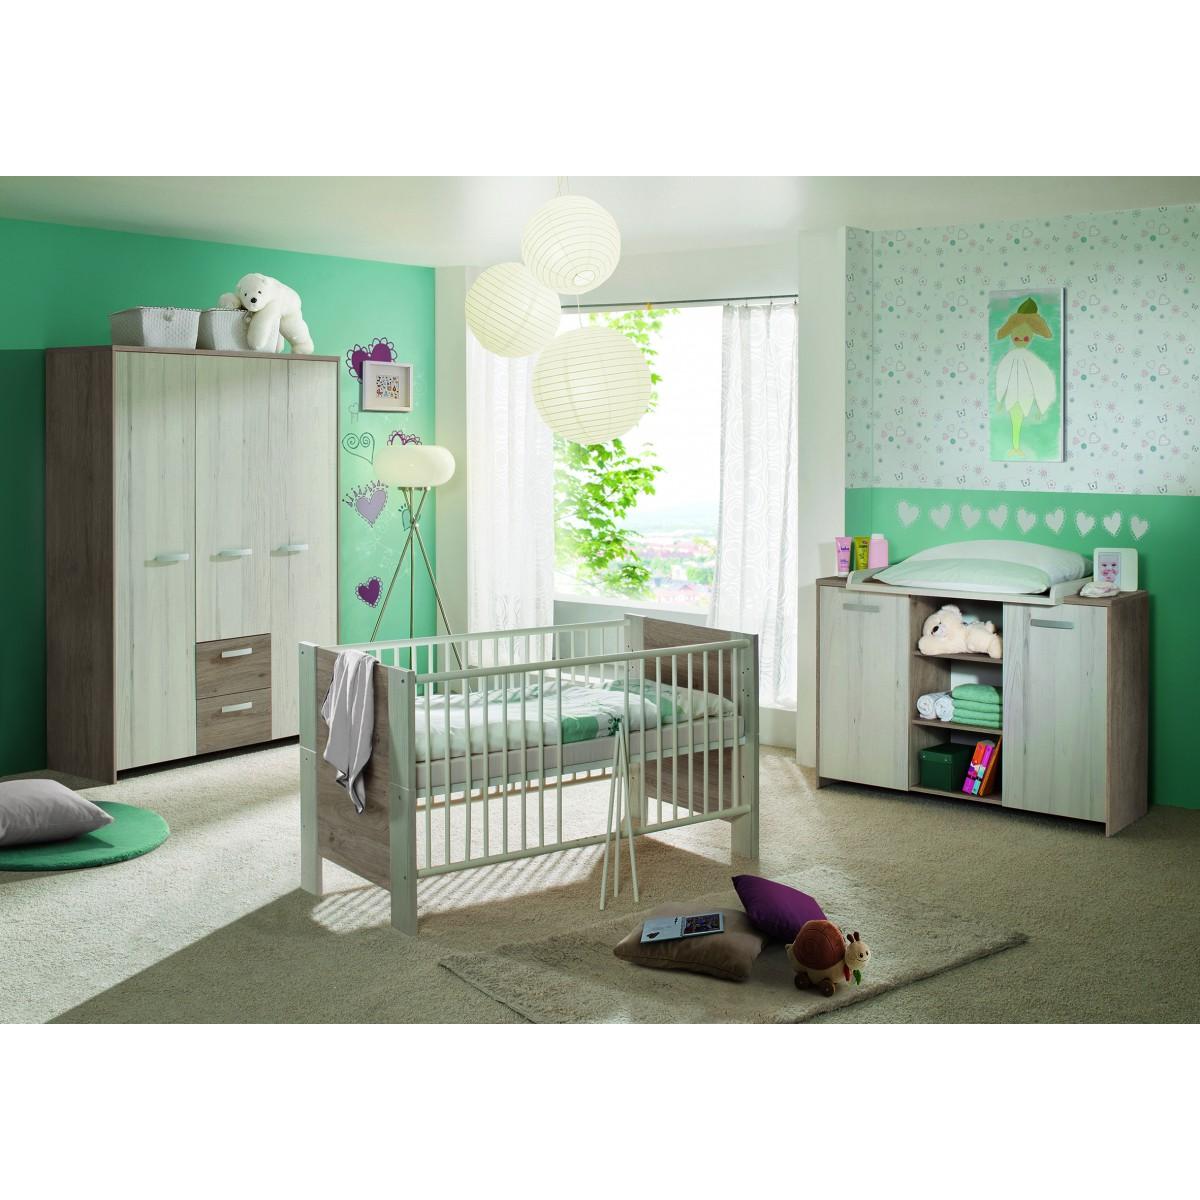 Kinderzimmer lucy eiche grau wei for Kinderzimmer roller